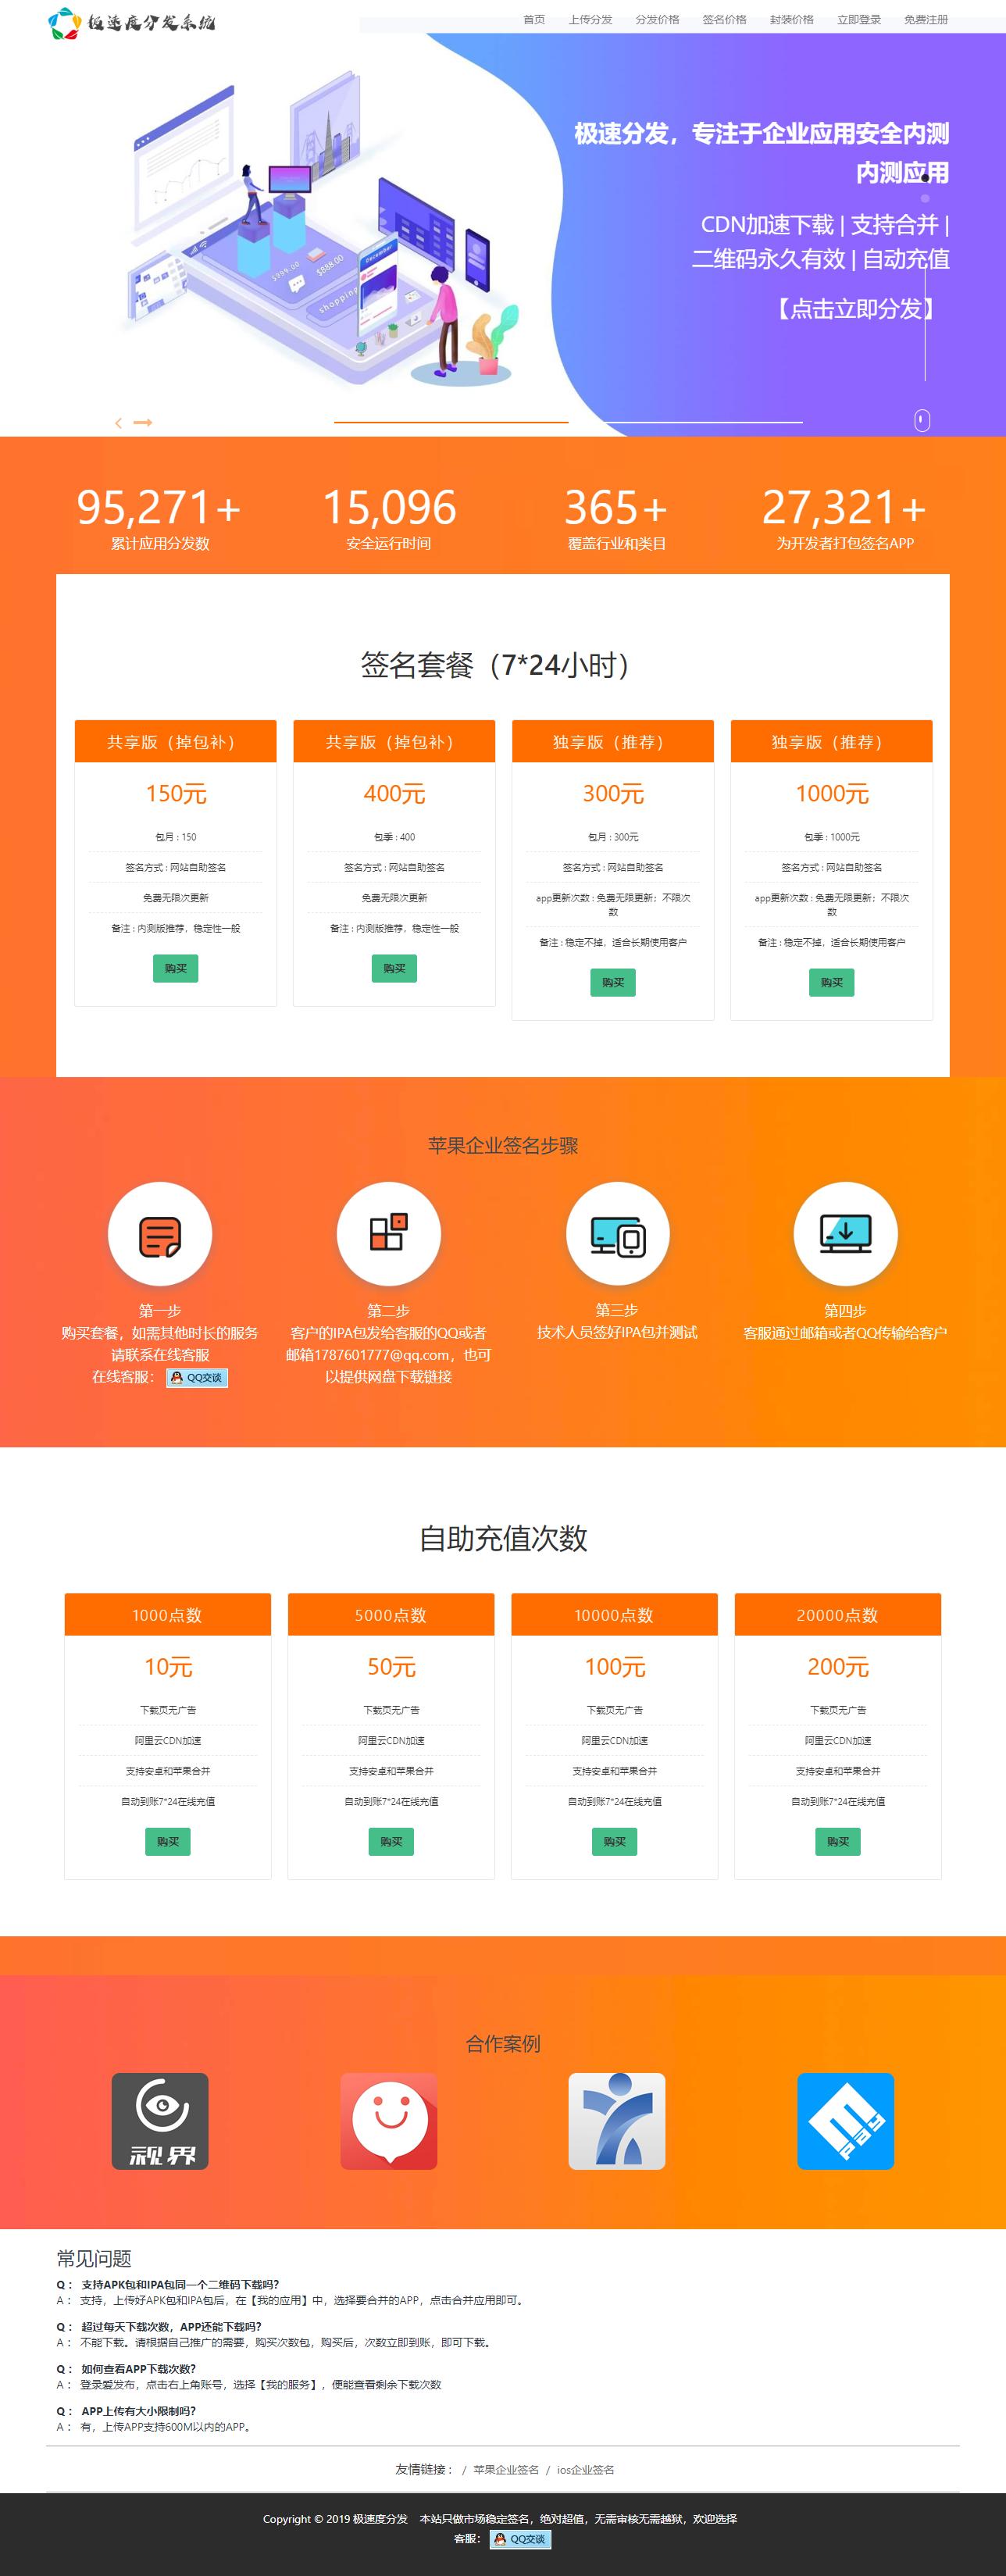 鹤云资源博客-APP应用分发系统-已清后门全新UI-对接码支付收款网站源码插图